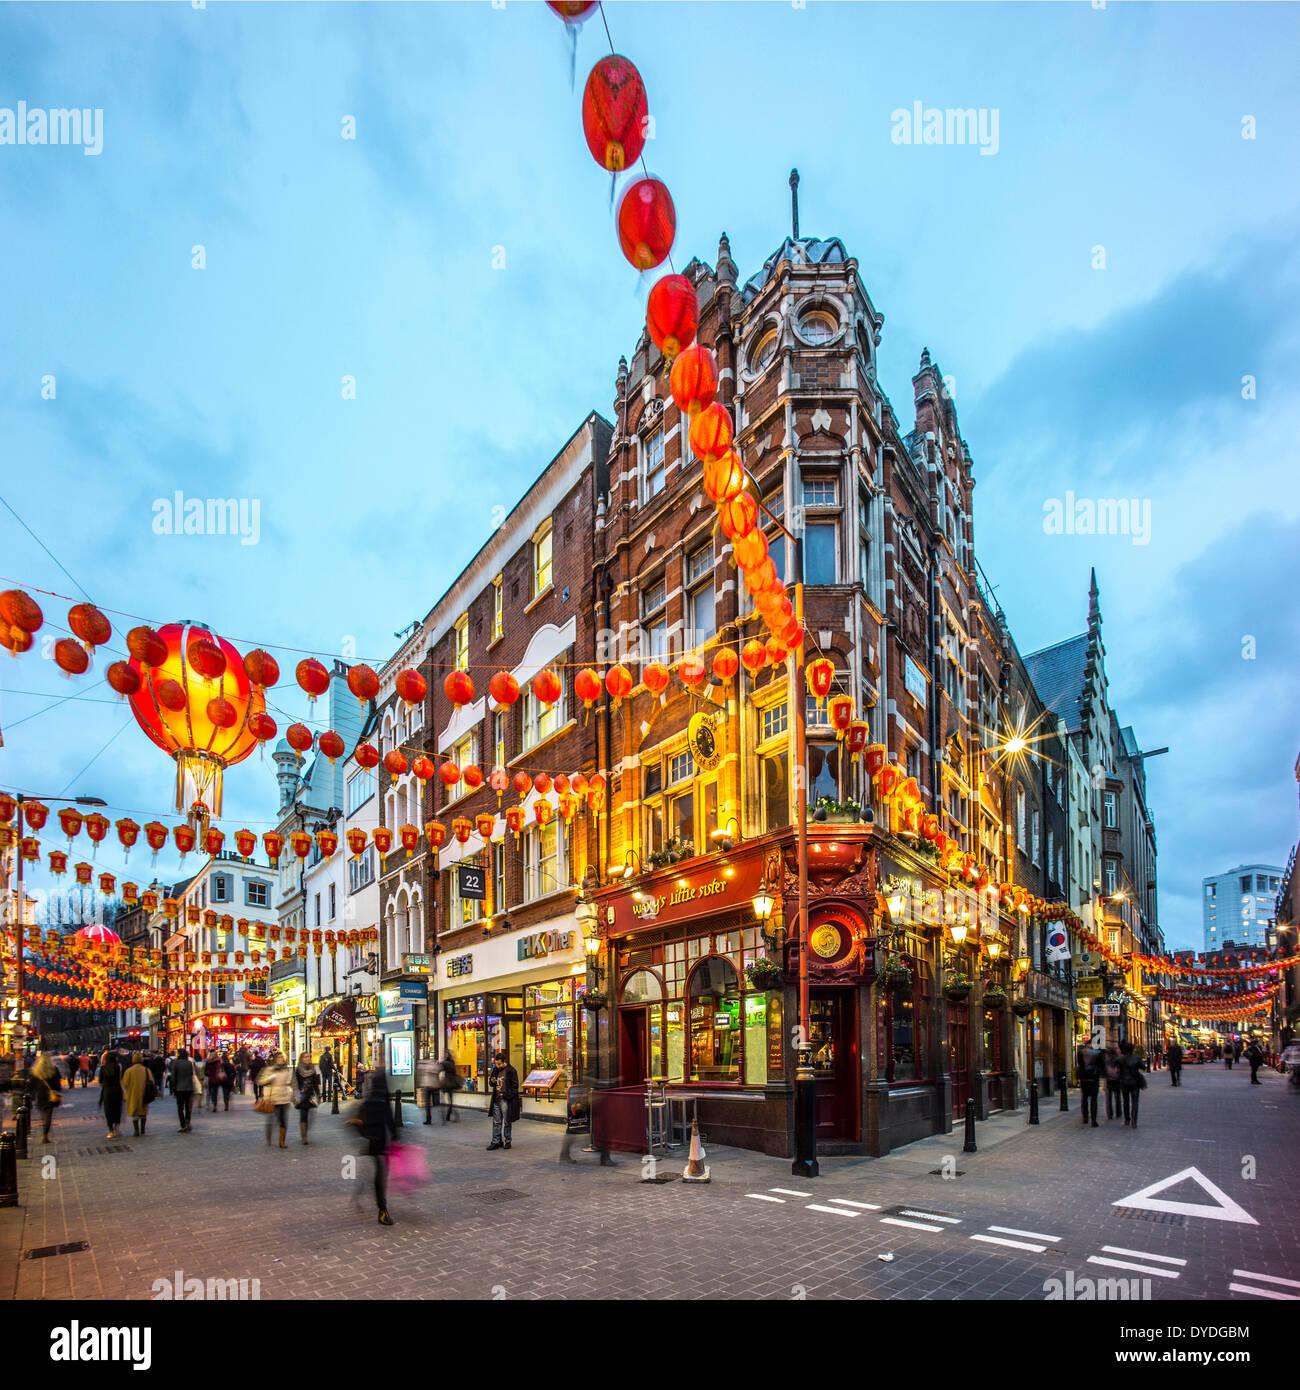 Dekorationen für Chinese New Year in der Wardour Street in London in der Abenddämmerung. Stockbild